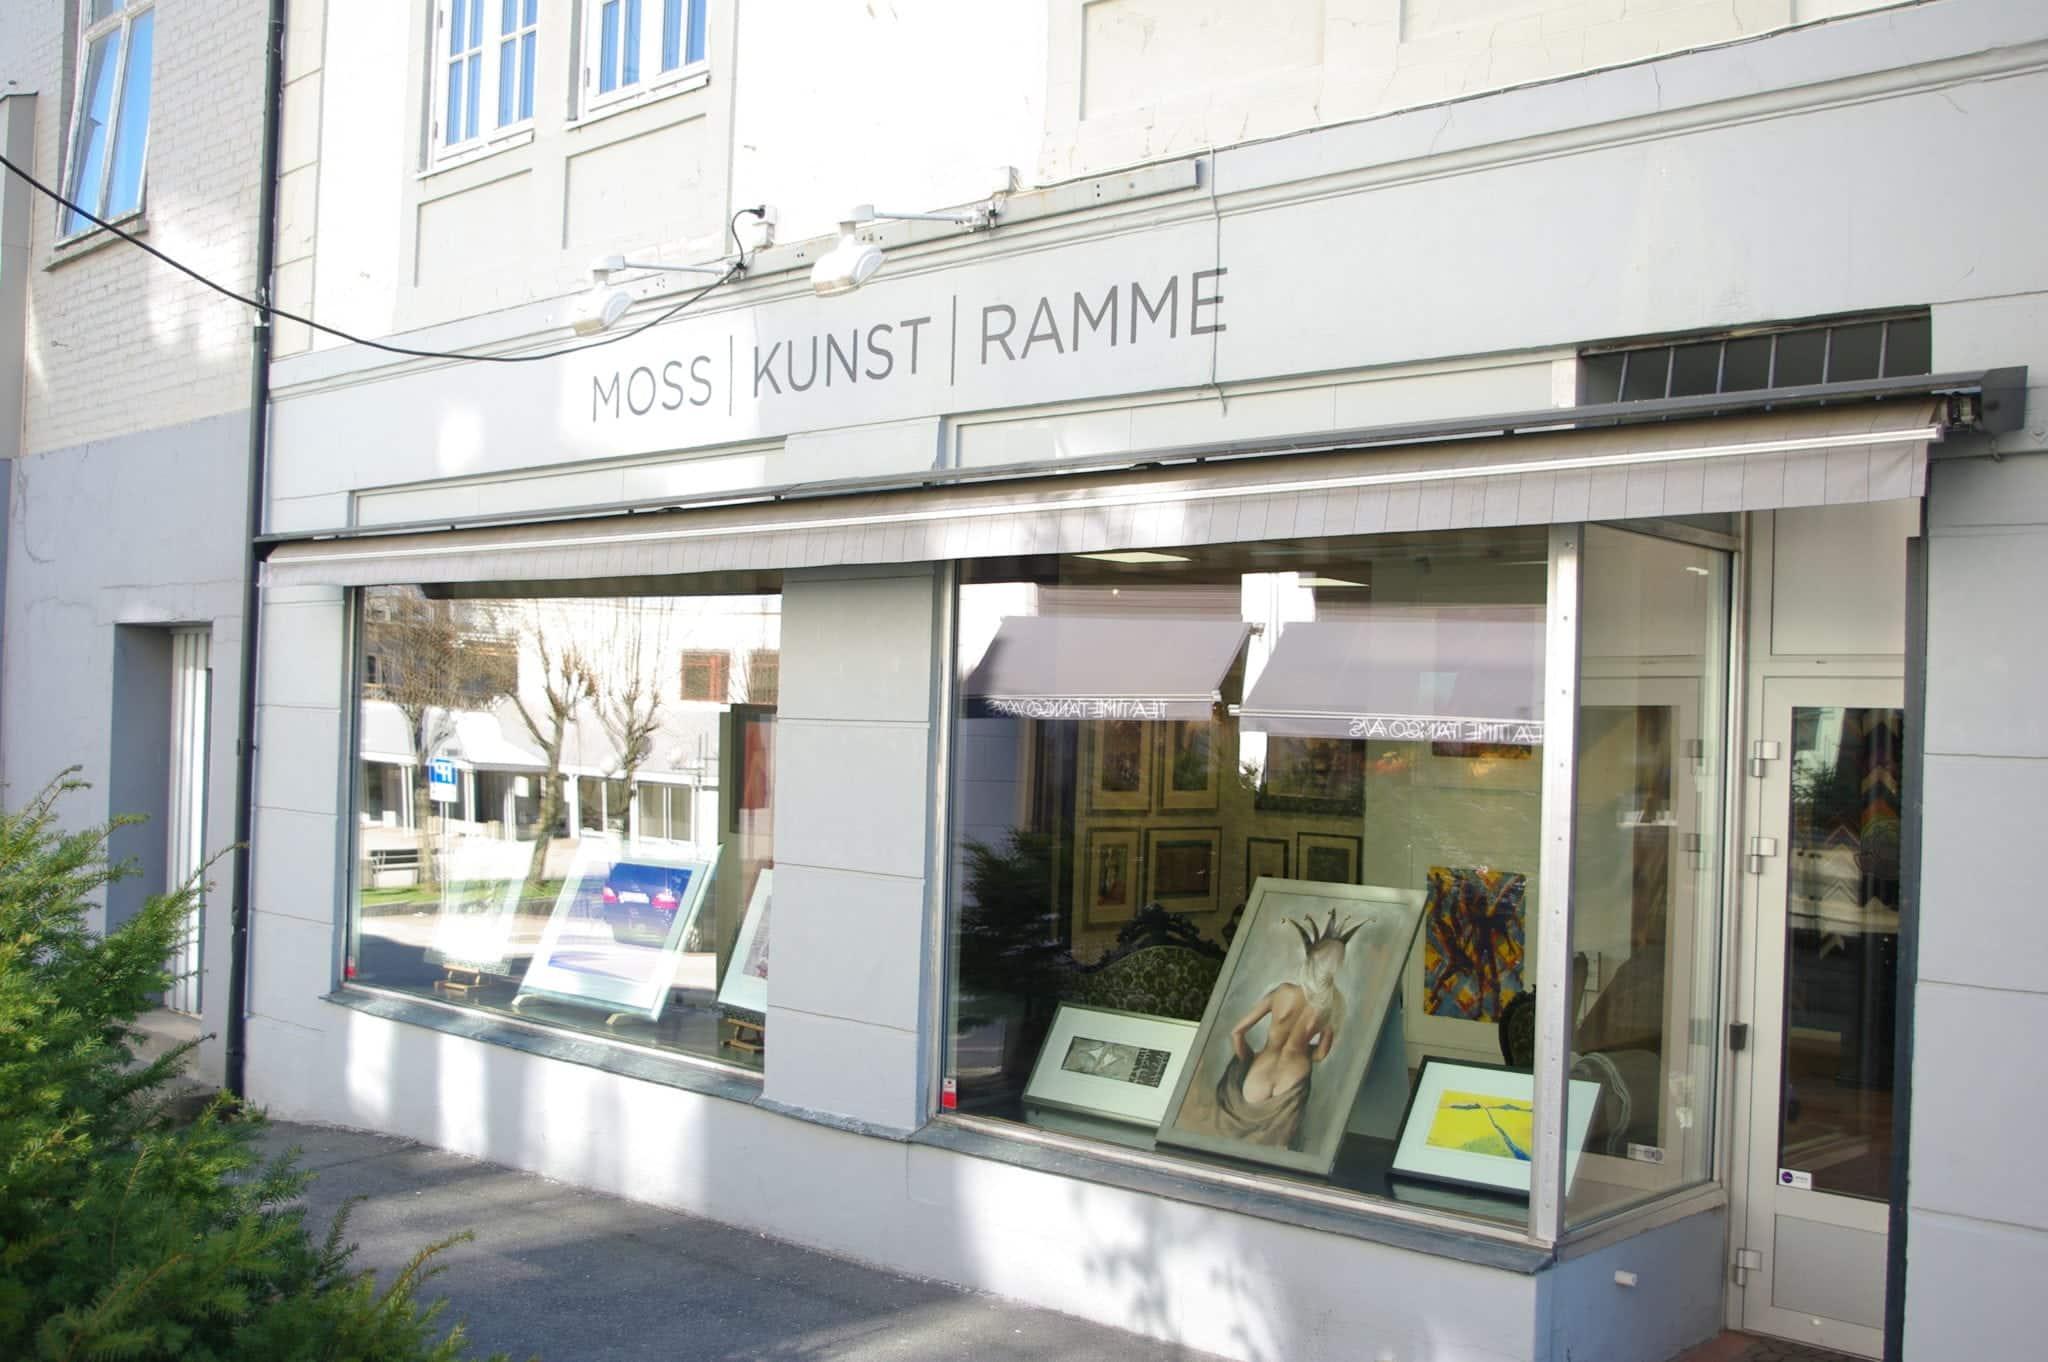 Moss | Kunst | Ramme - Moss, Østold